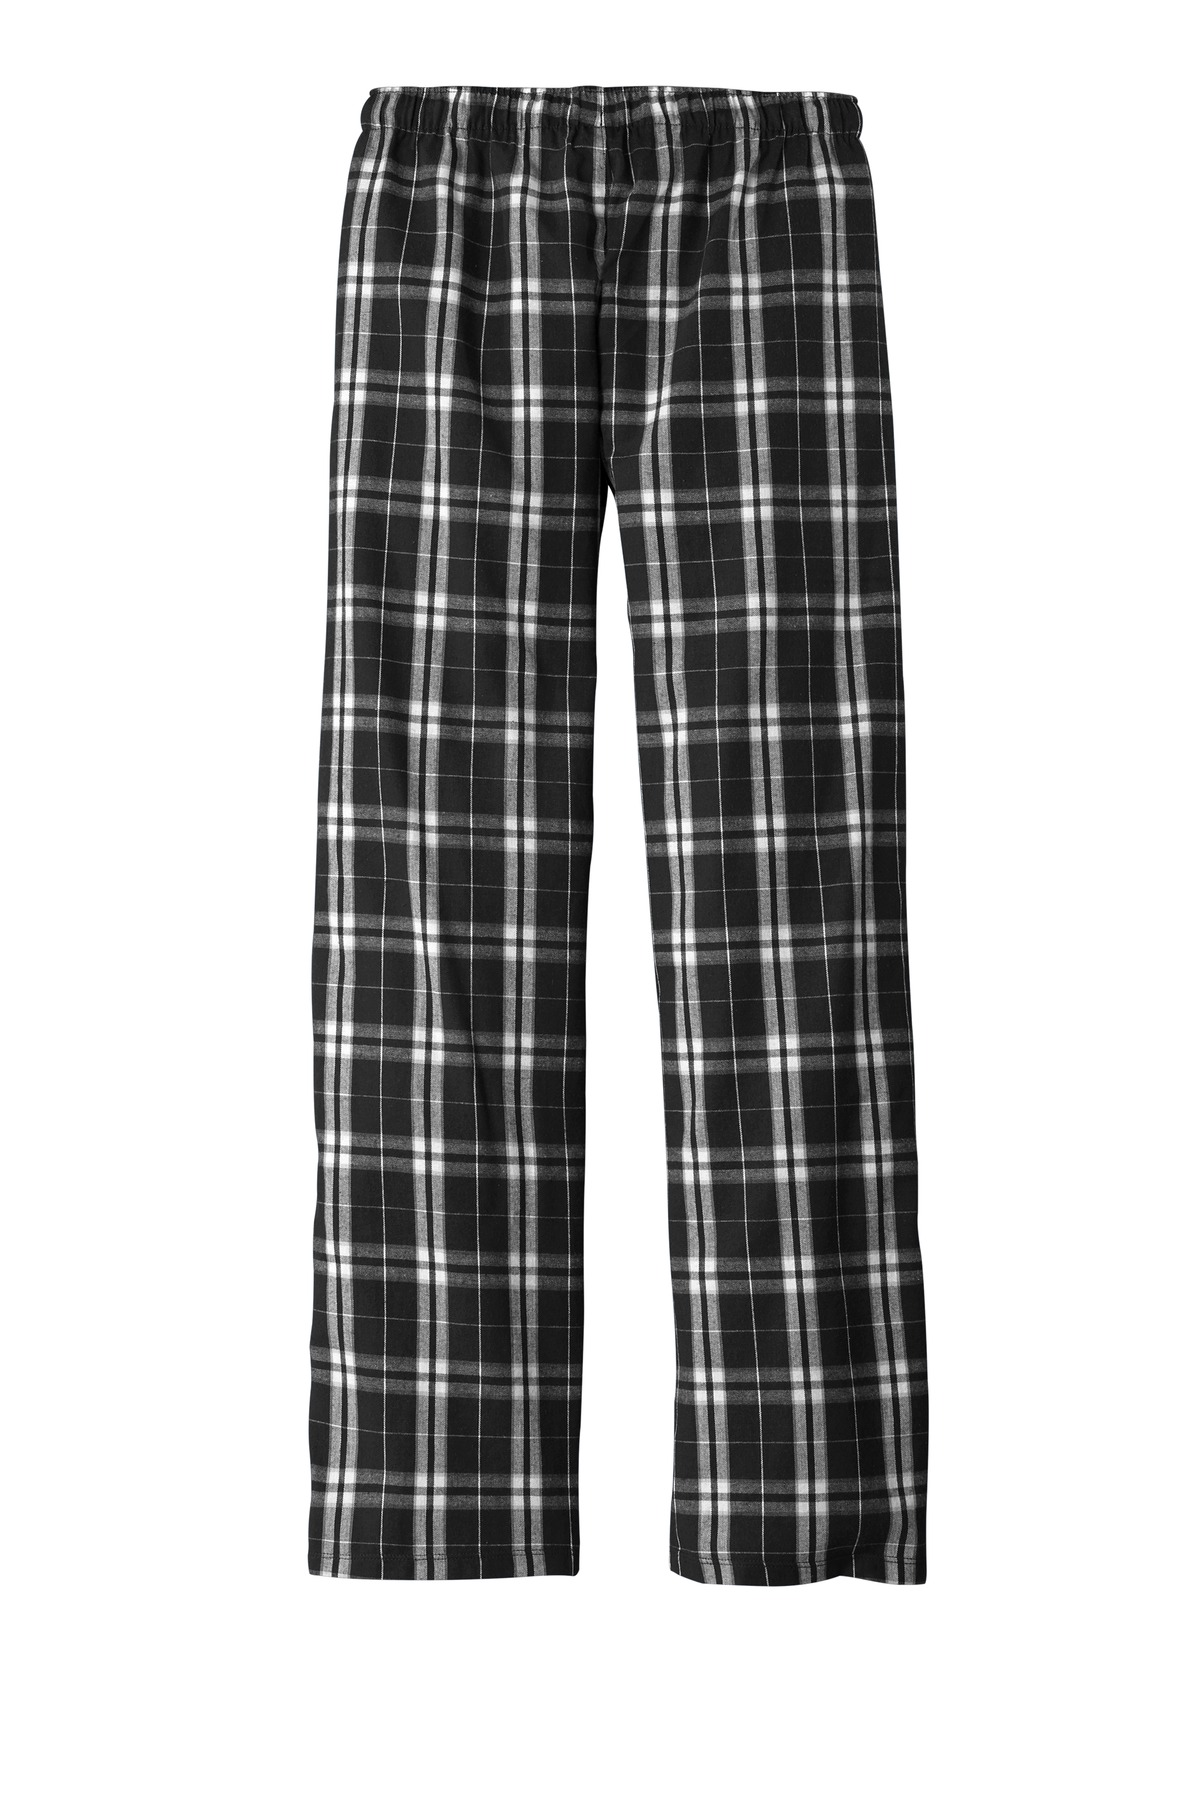 District Womens Flannel Plaid Pant Flannel Plaid Pant DT2800-Women/'s